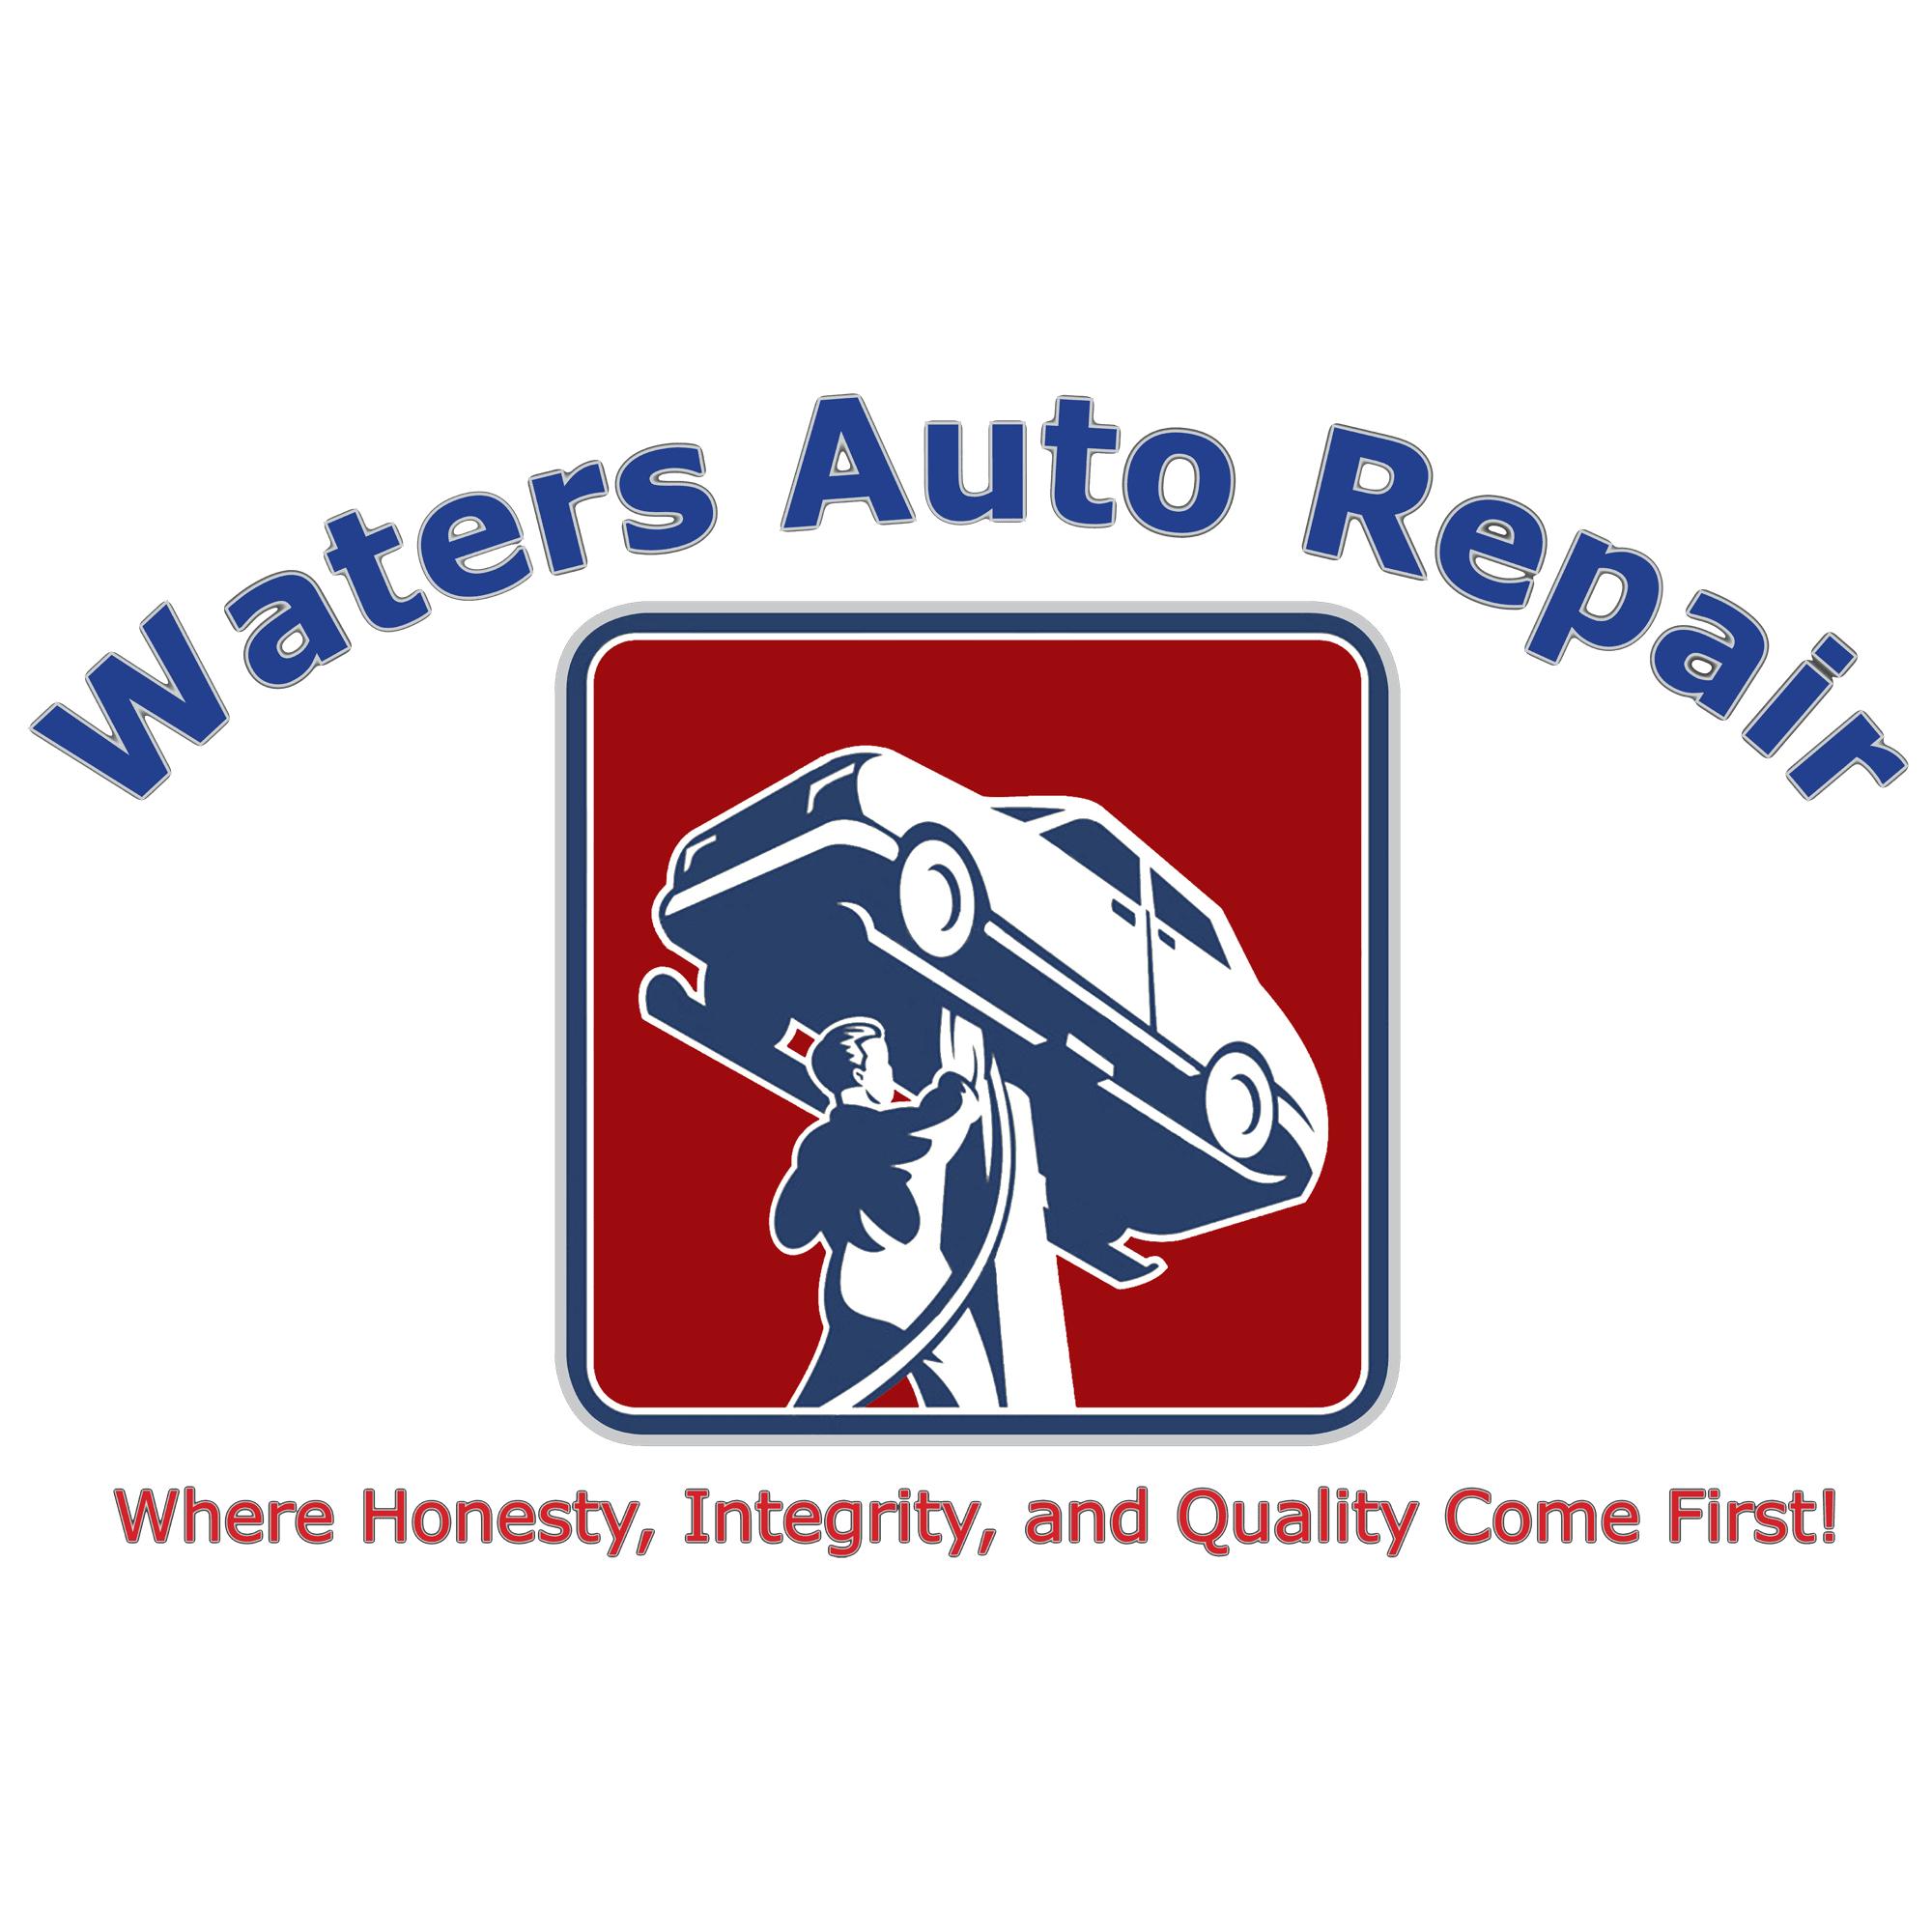 Waters Auto Repair